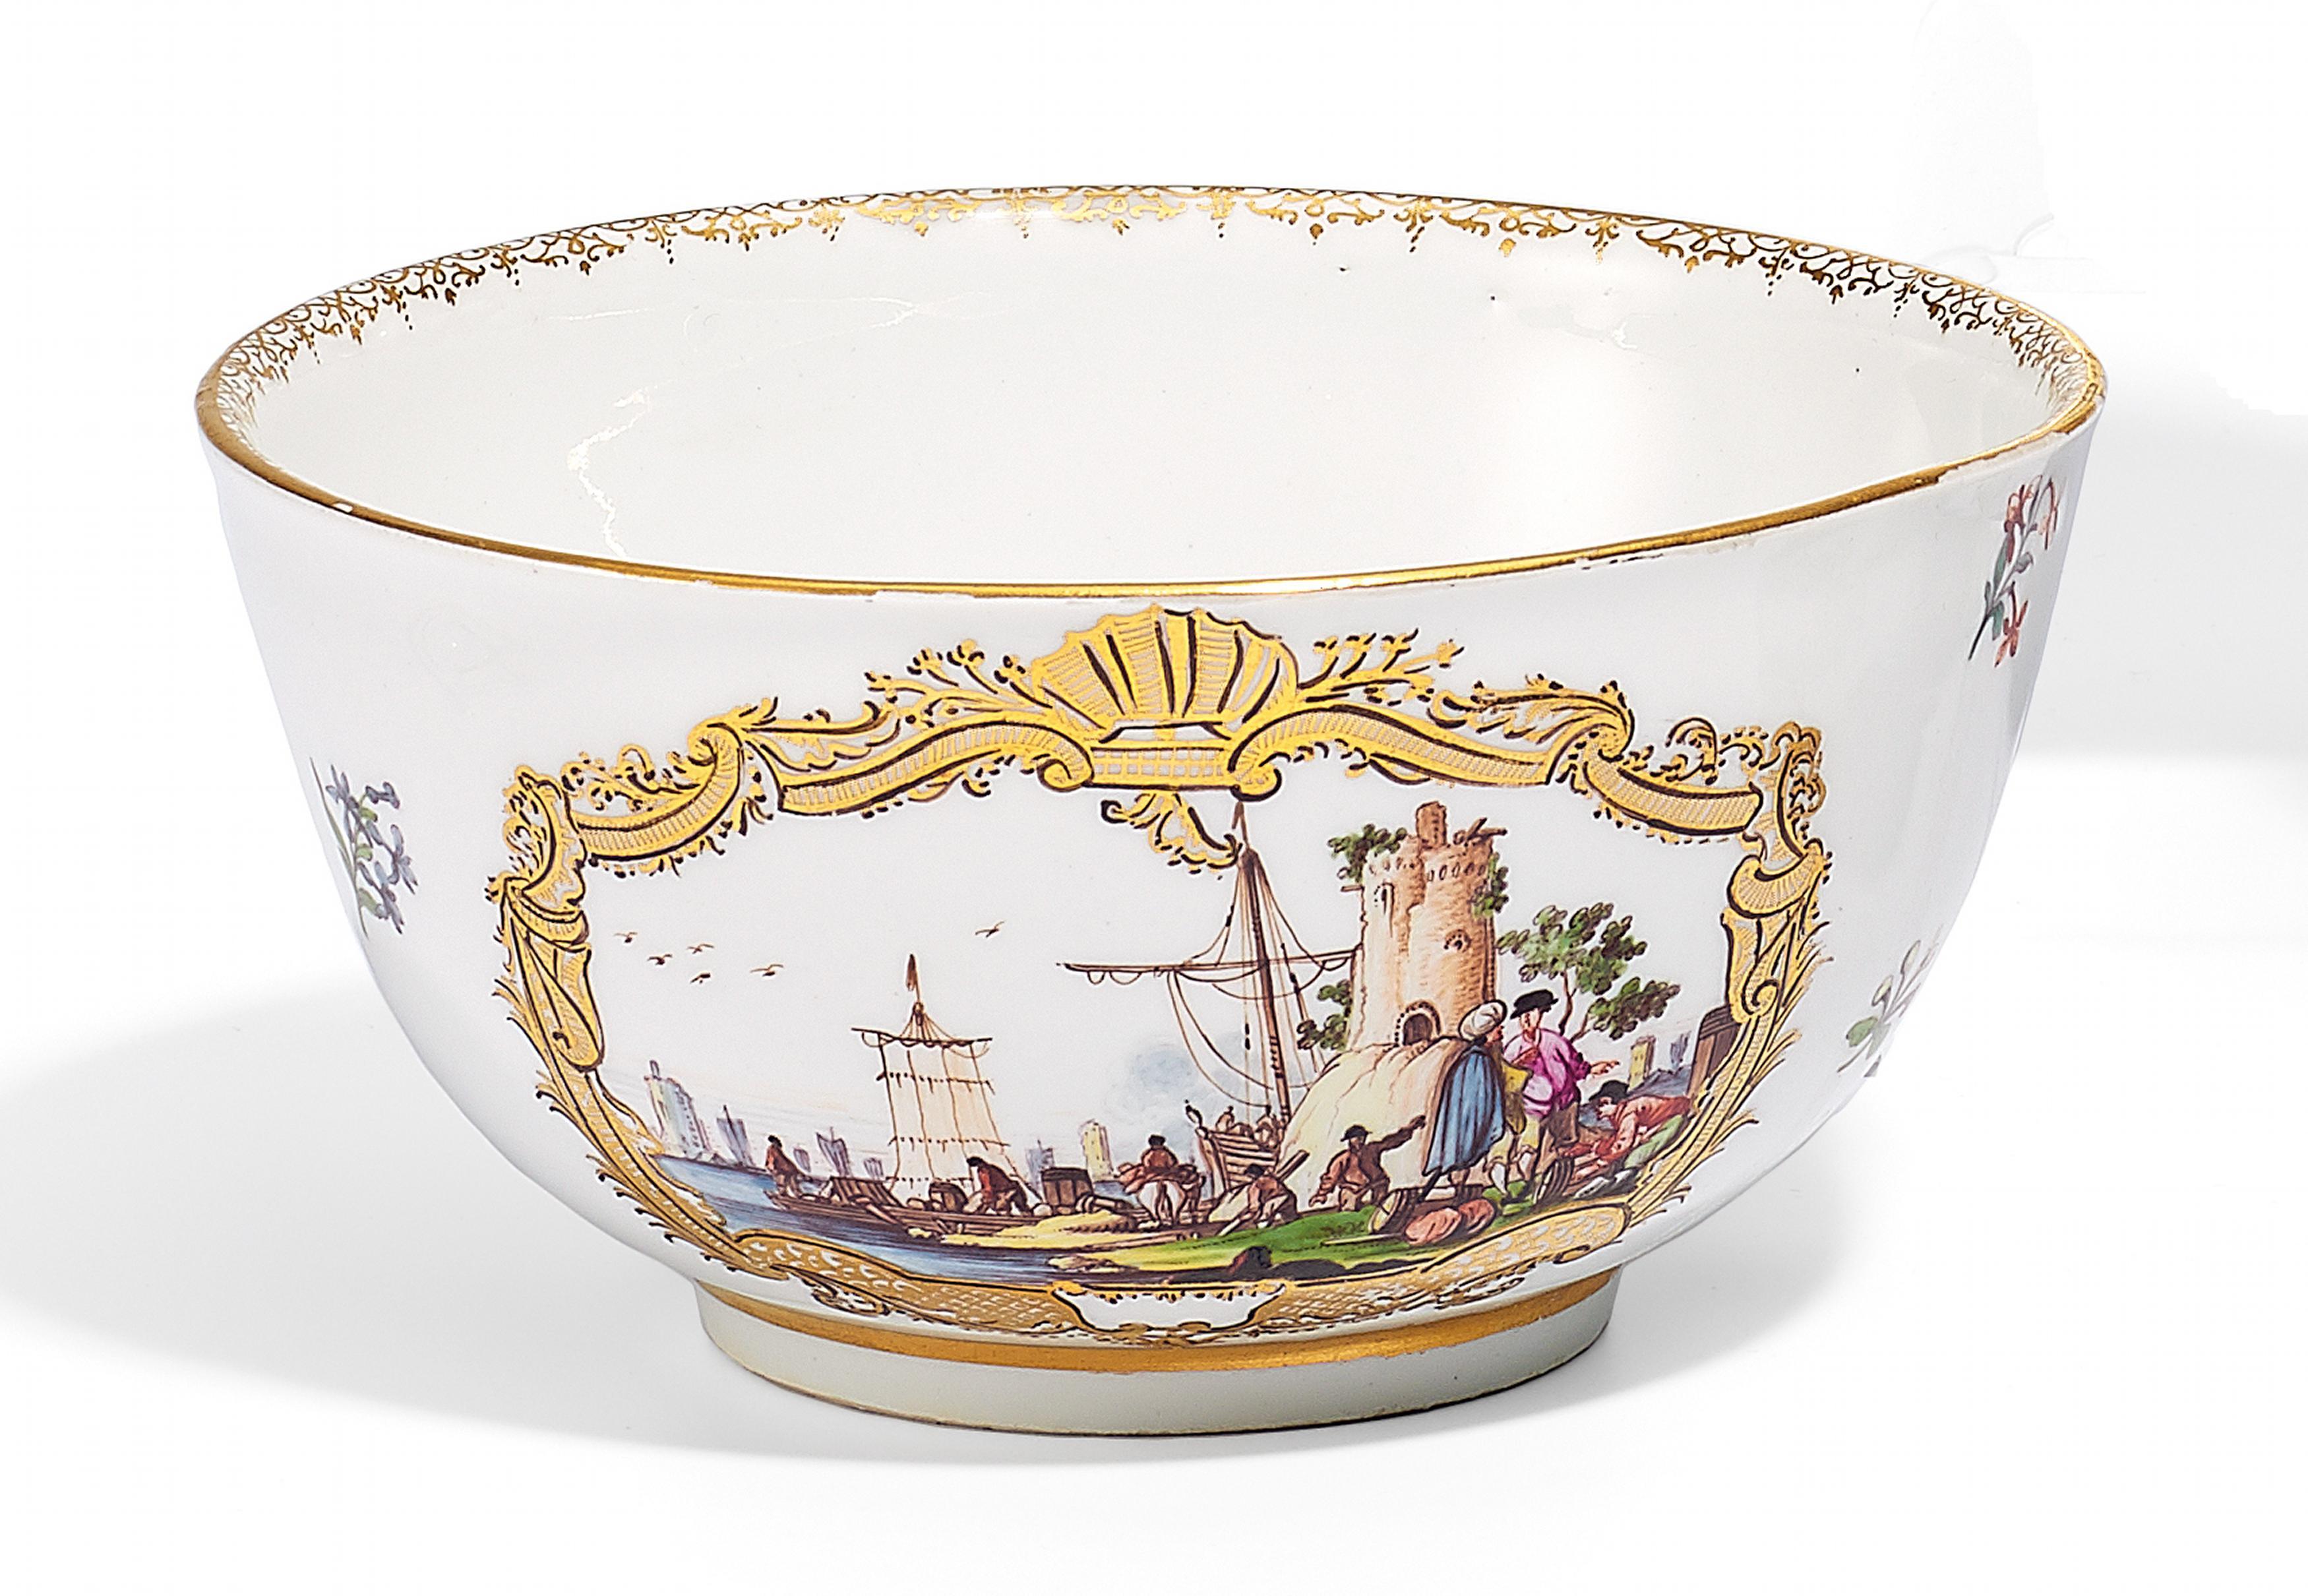 kumme mit kauffahrteiszenen meissen 1735 40 porzellan farbig und gold dekoriert gegenst n. Black Bedroom Furniture Sets. Home Design Ideas